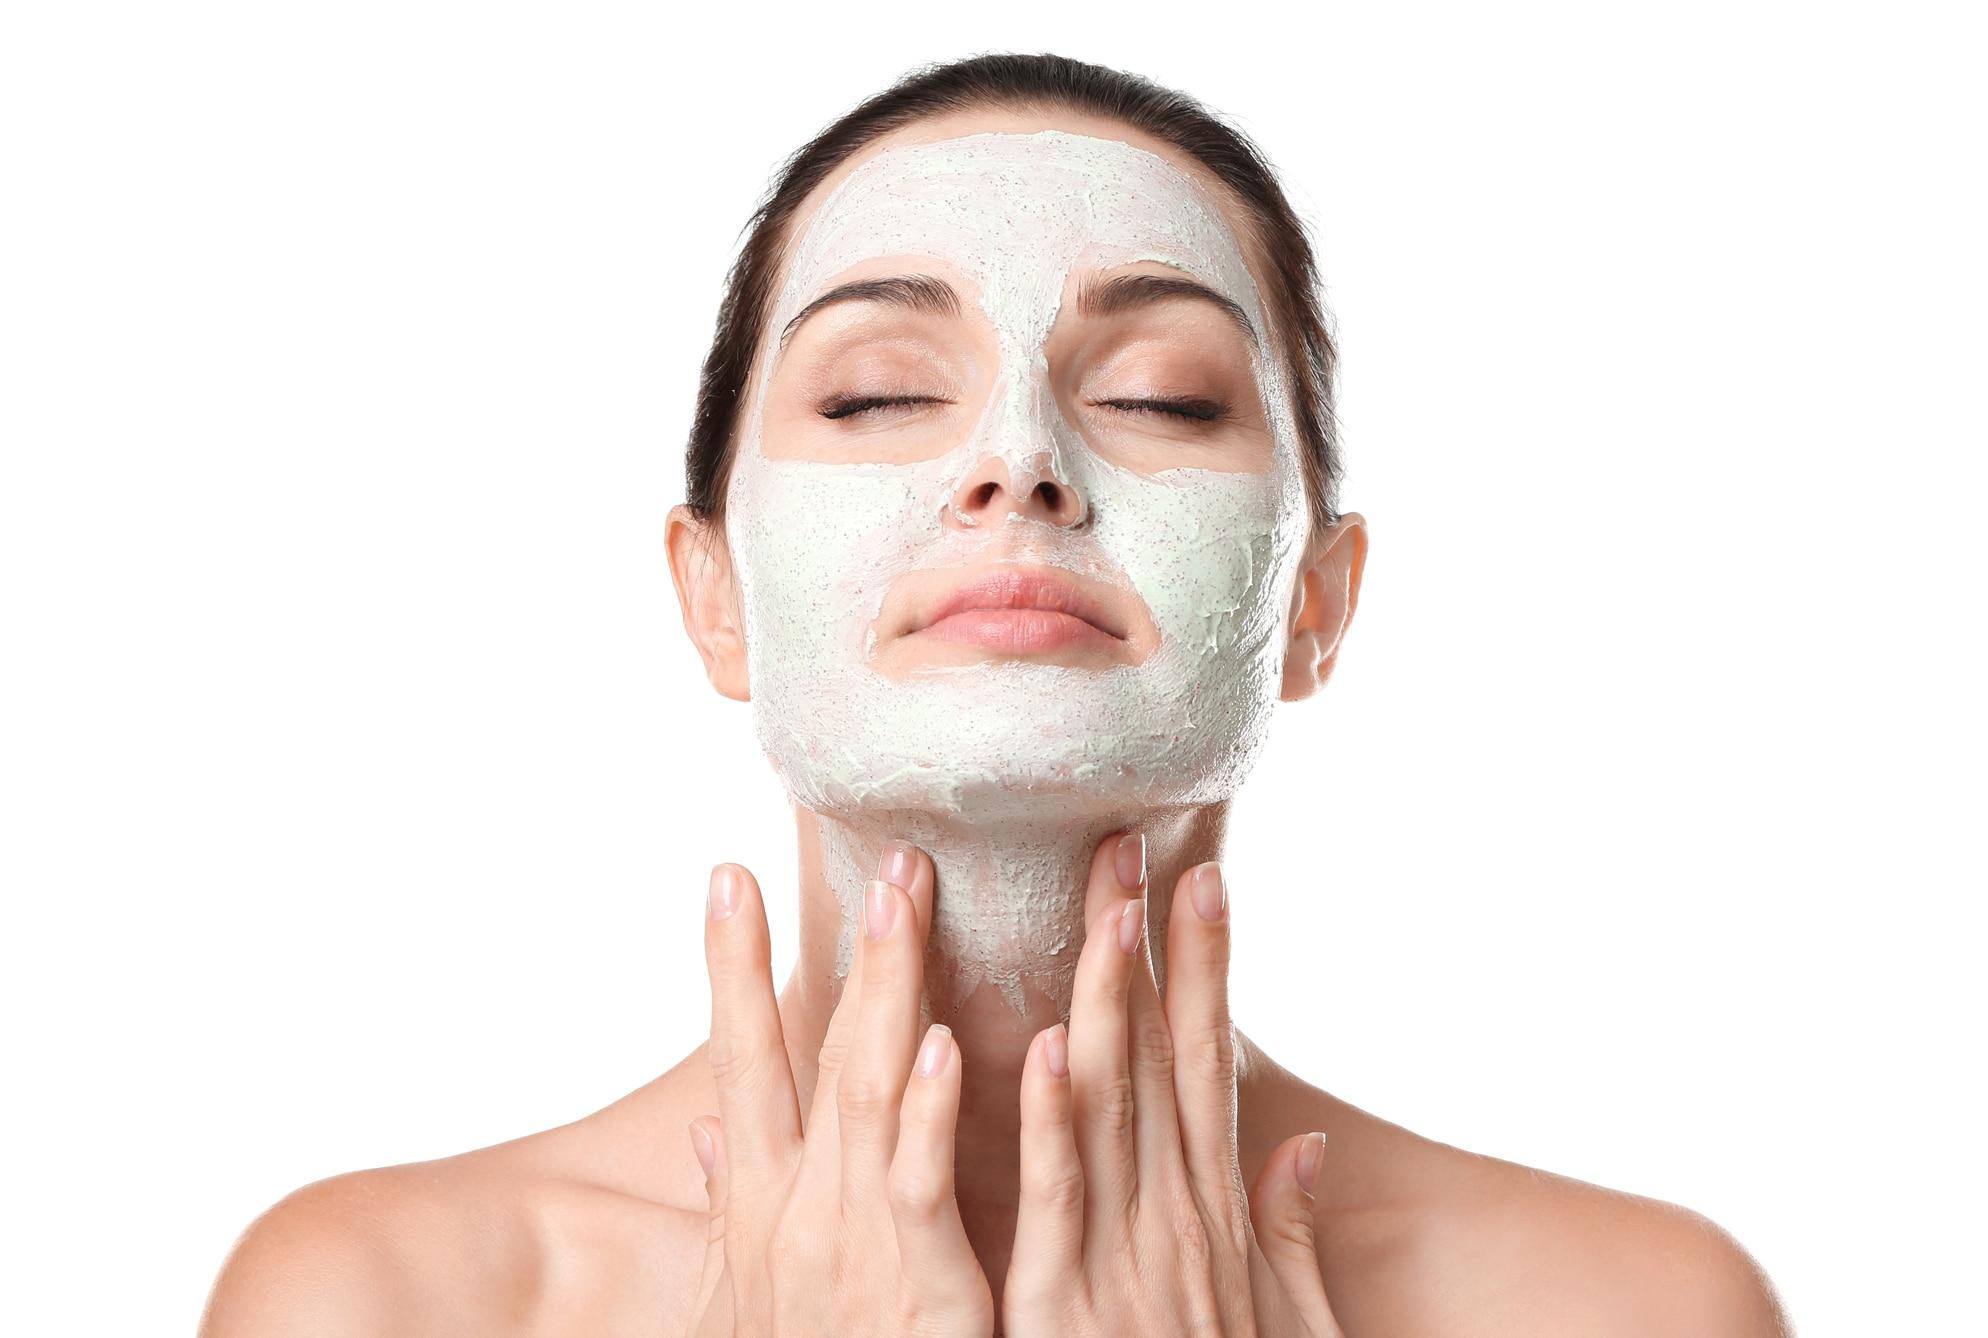 Face Care Tips: ये हैं वो 4 चीजें जिनके इस्तेमाल से चमक उठेगा चेहरा, ये समस्याएं होंगी दूर